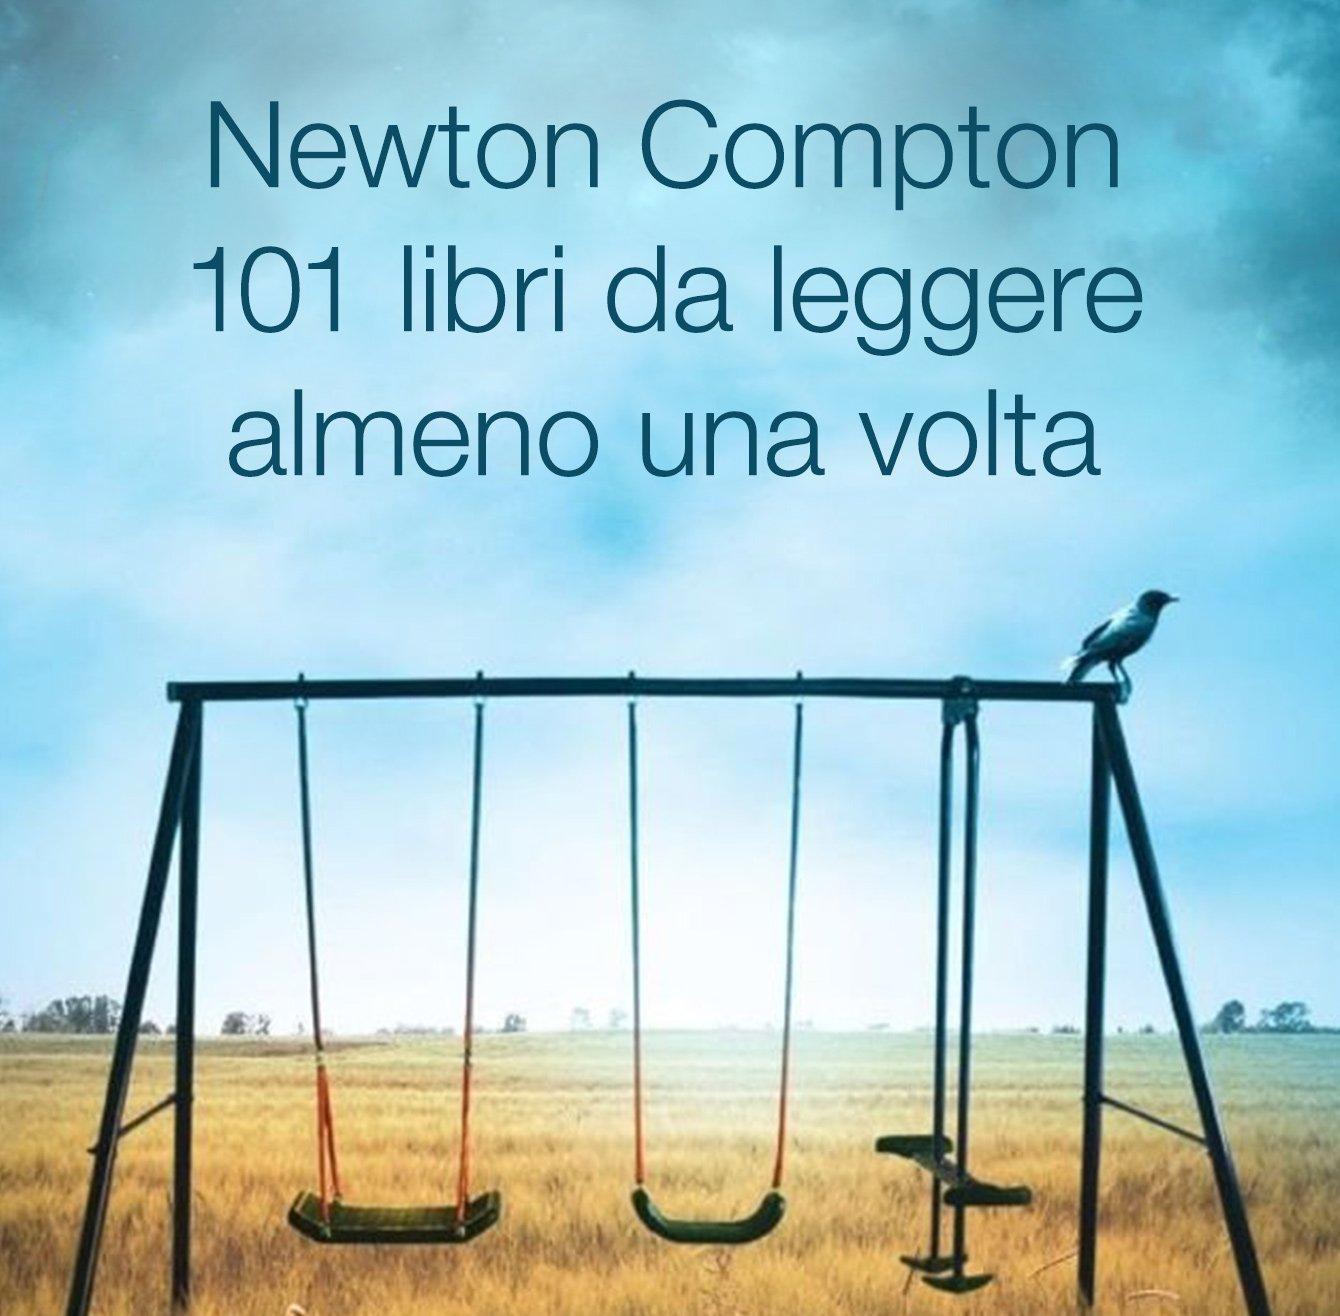 Newton Compton 101 libri da leggere almeno una volta